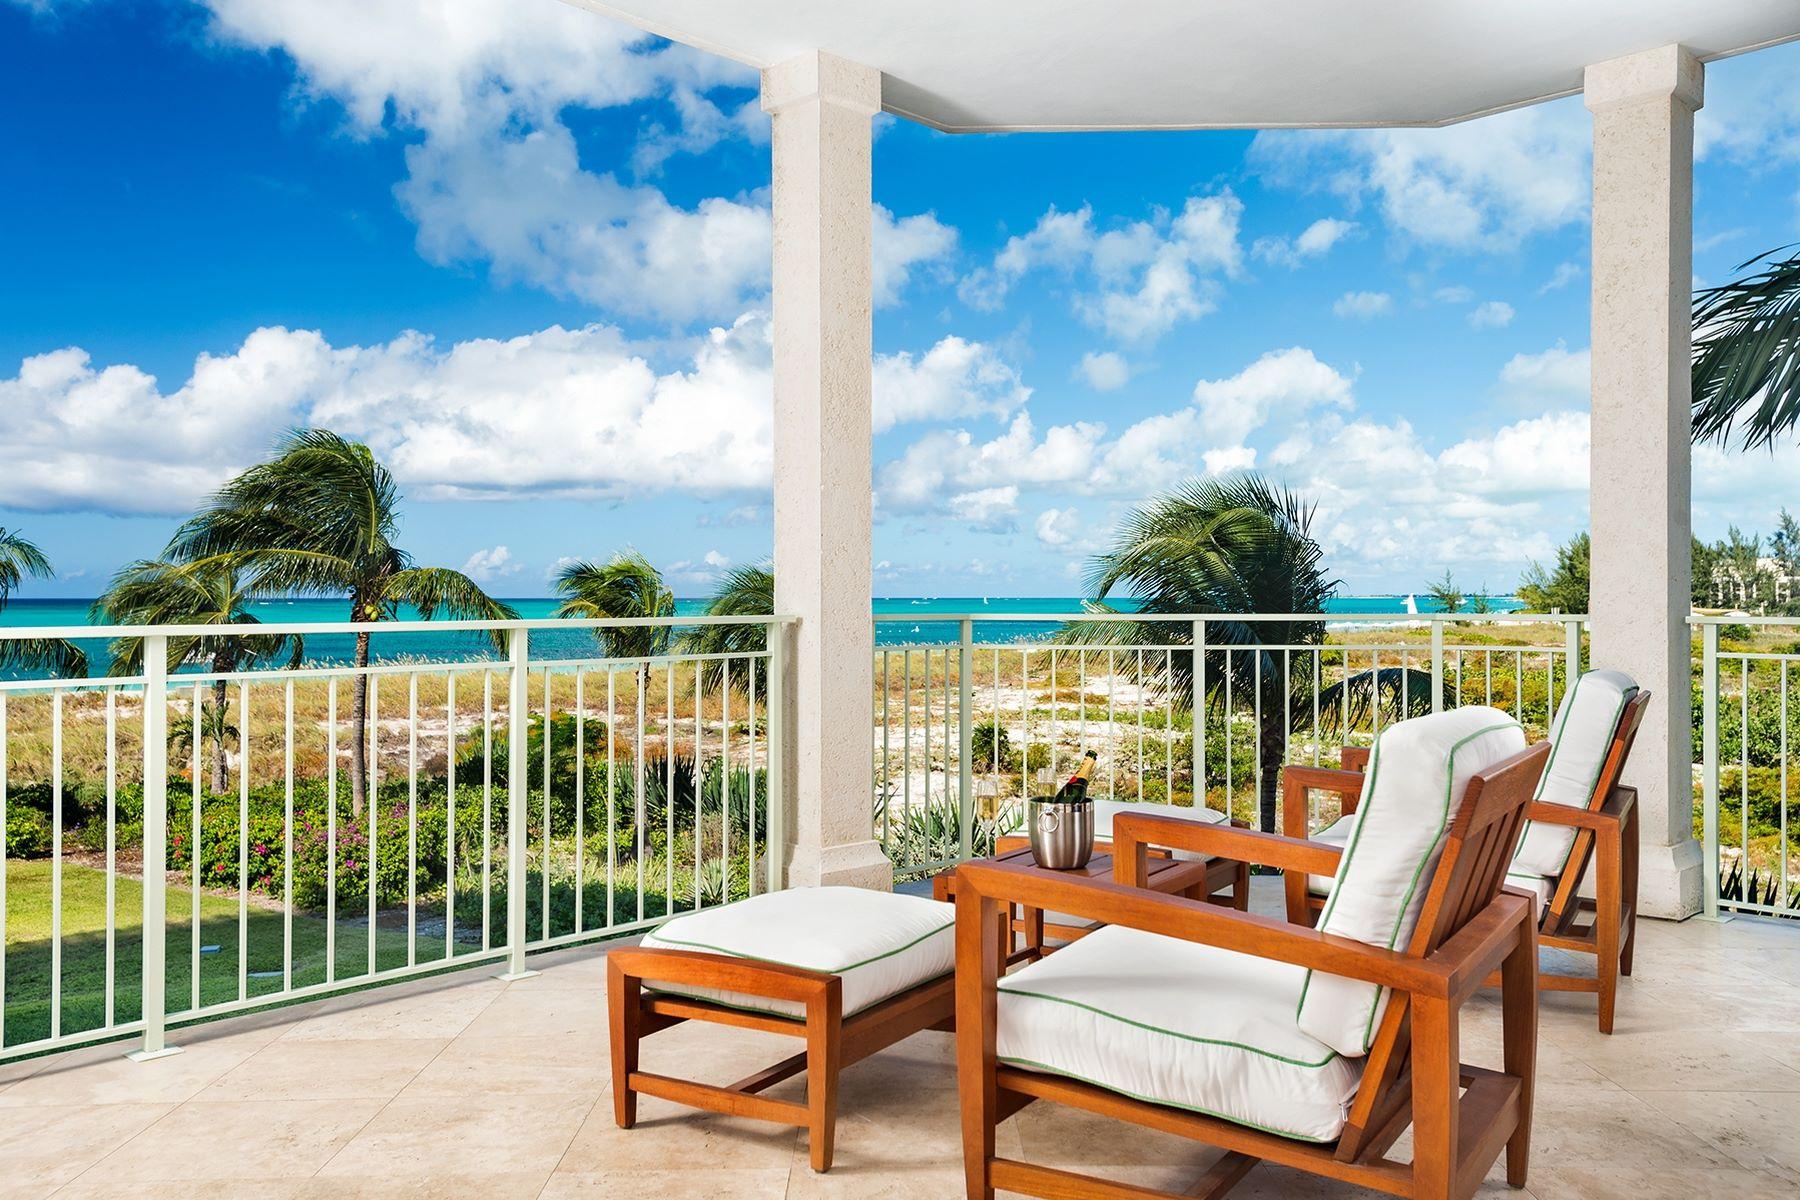 共管式独立产权公寓 为 销售 在 West Bay Club - Suite 307 West Bay Club, 格蕾斯湾, 普罗维登夏 特克斯和凯科斯群岛